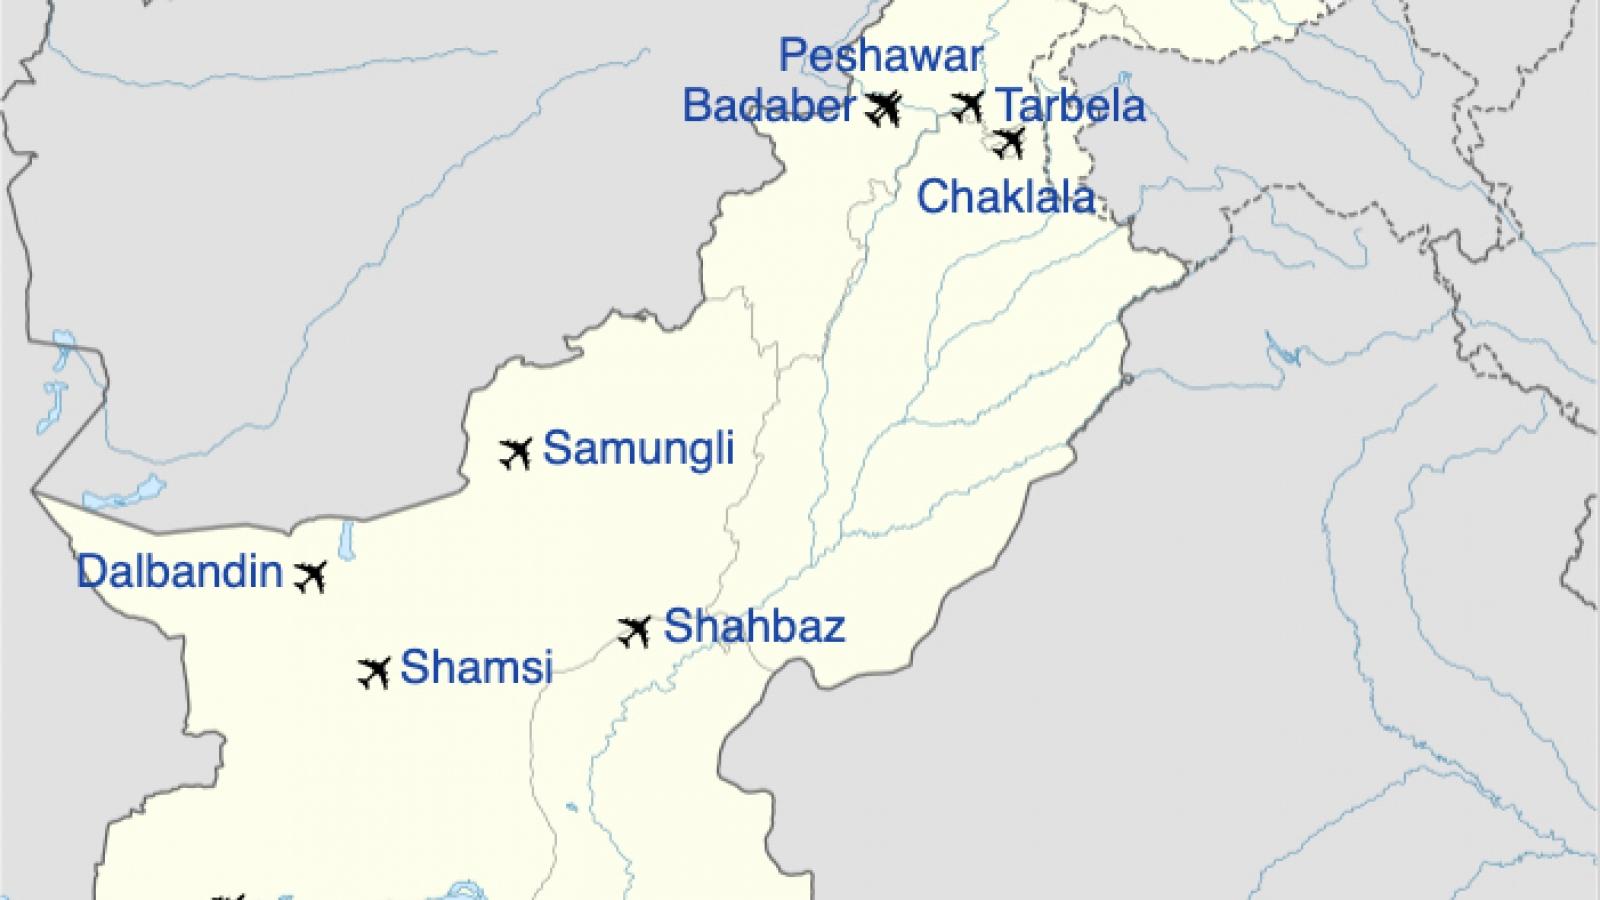 Lý do khiến Pakistan cân nhắc khả năng cho Mỹ mở căn cứ quân sự